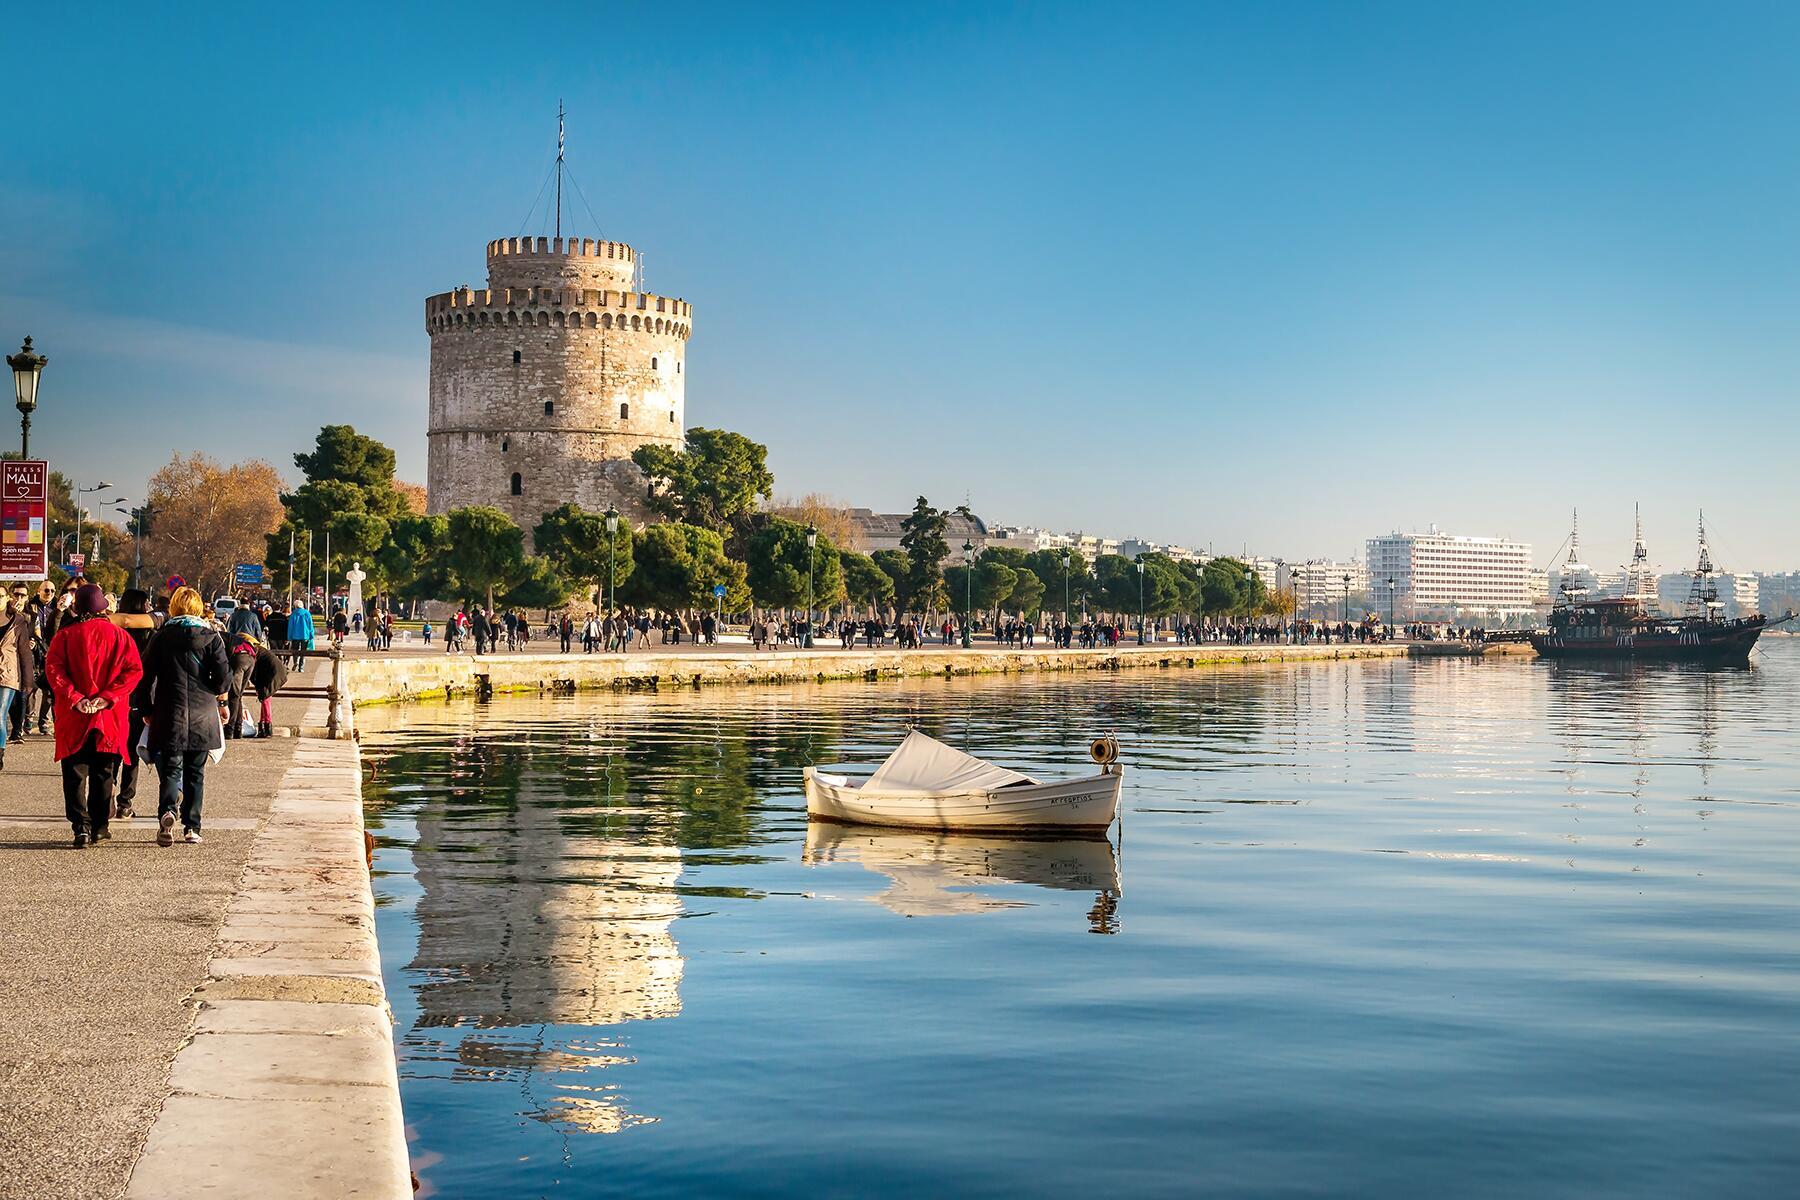 Ήρθε η Άνοιξη και την υποδέχτηκε γυμνή στους δρόμους της Θεσσαλονίκης!